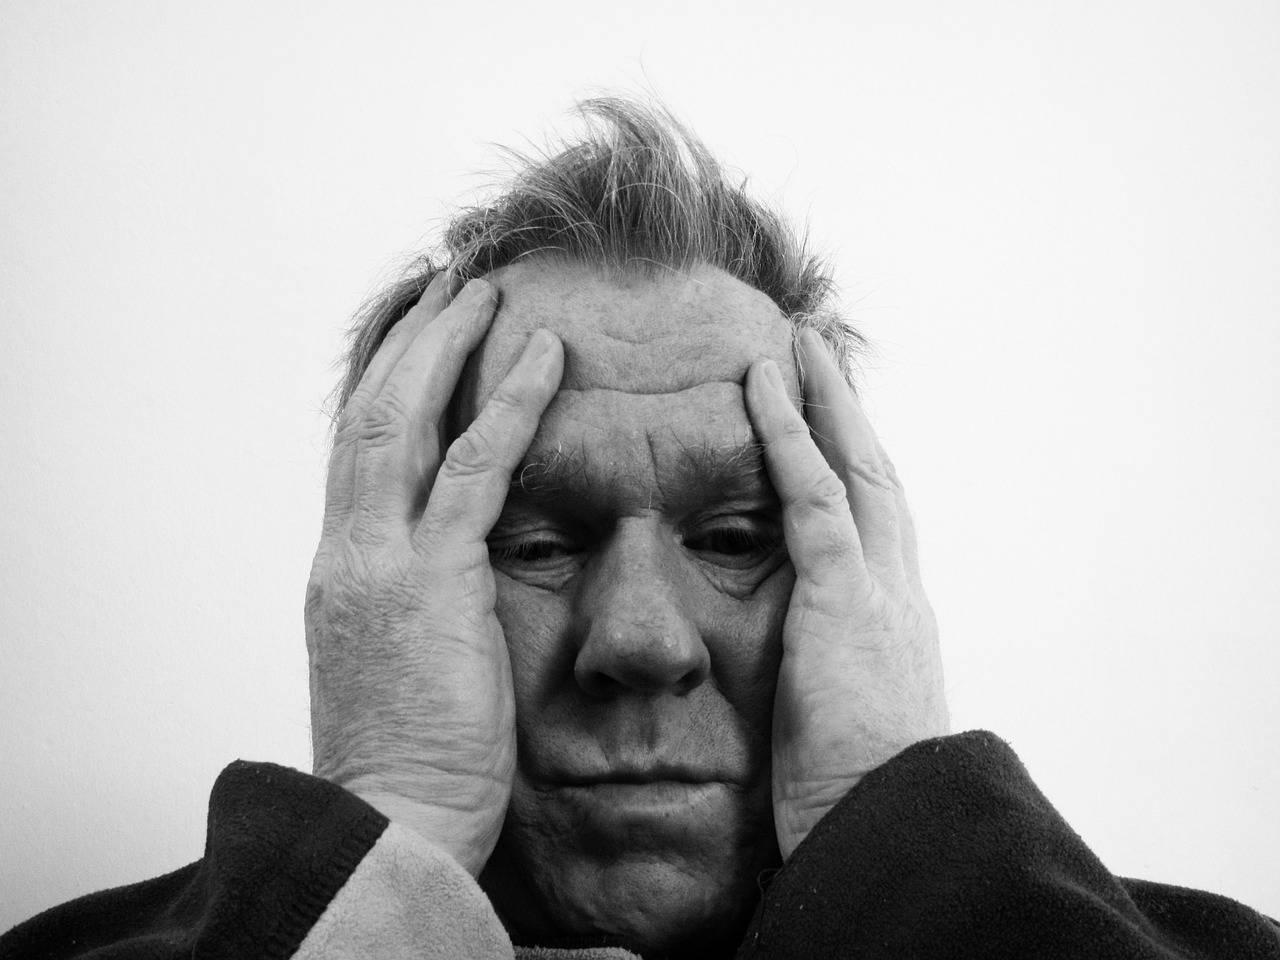 自分 の 思い通り に ならない と 怒る 自分の思い通りにならないと怒る人の特徴5選!イライラしやすい人も